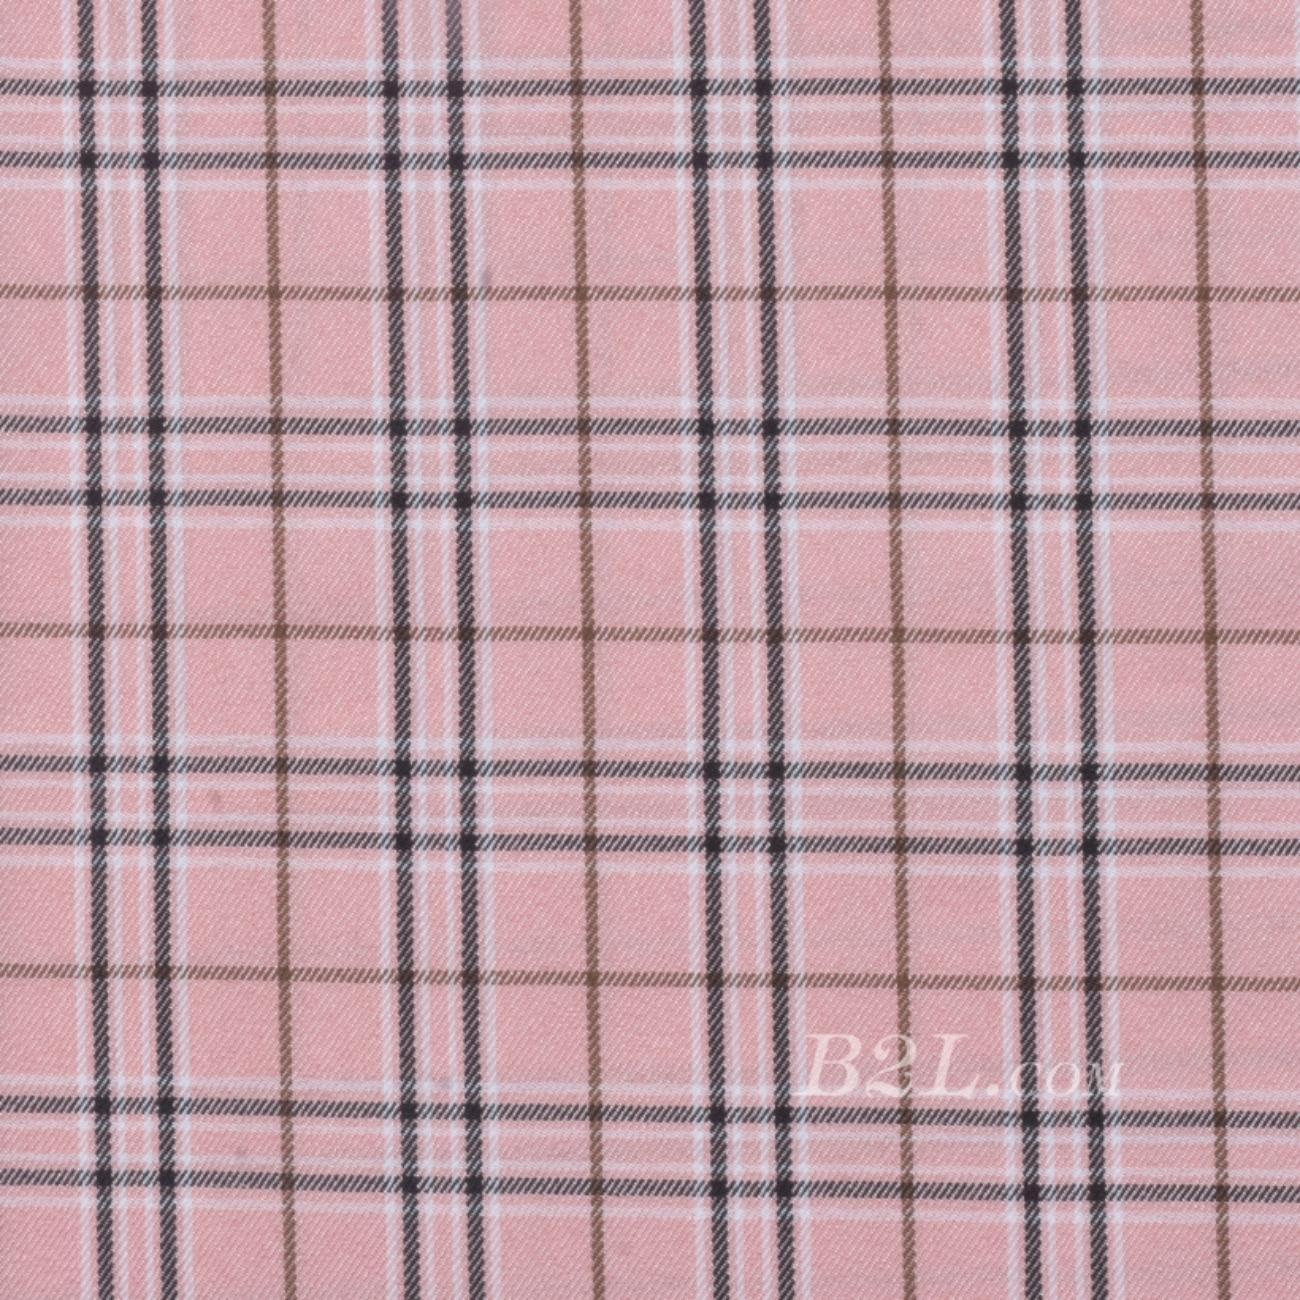 格子 梭织 色织 斜纹 春秋 女装 外套 时装 90826-7